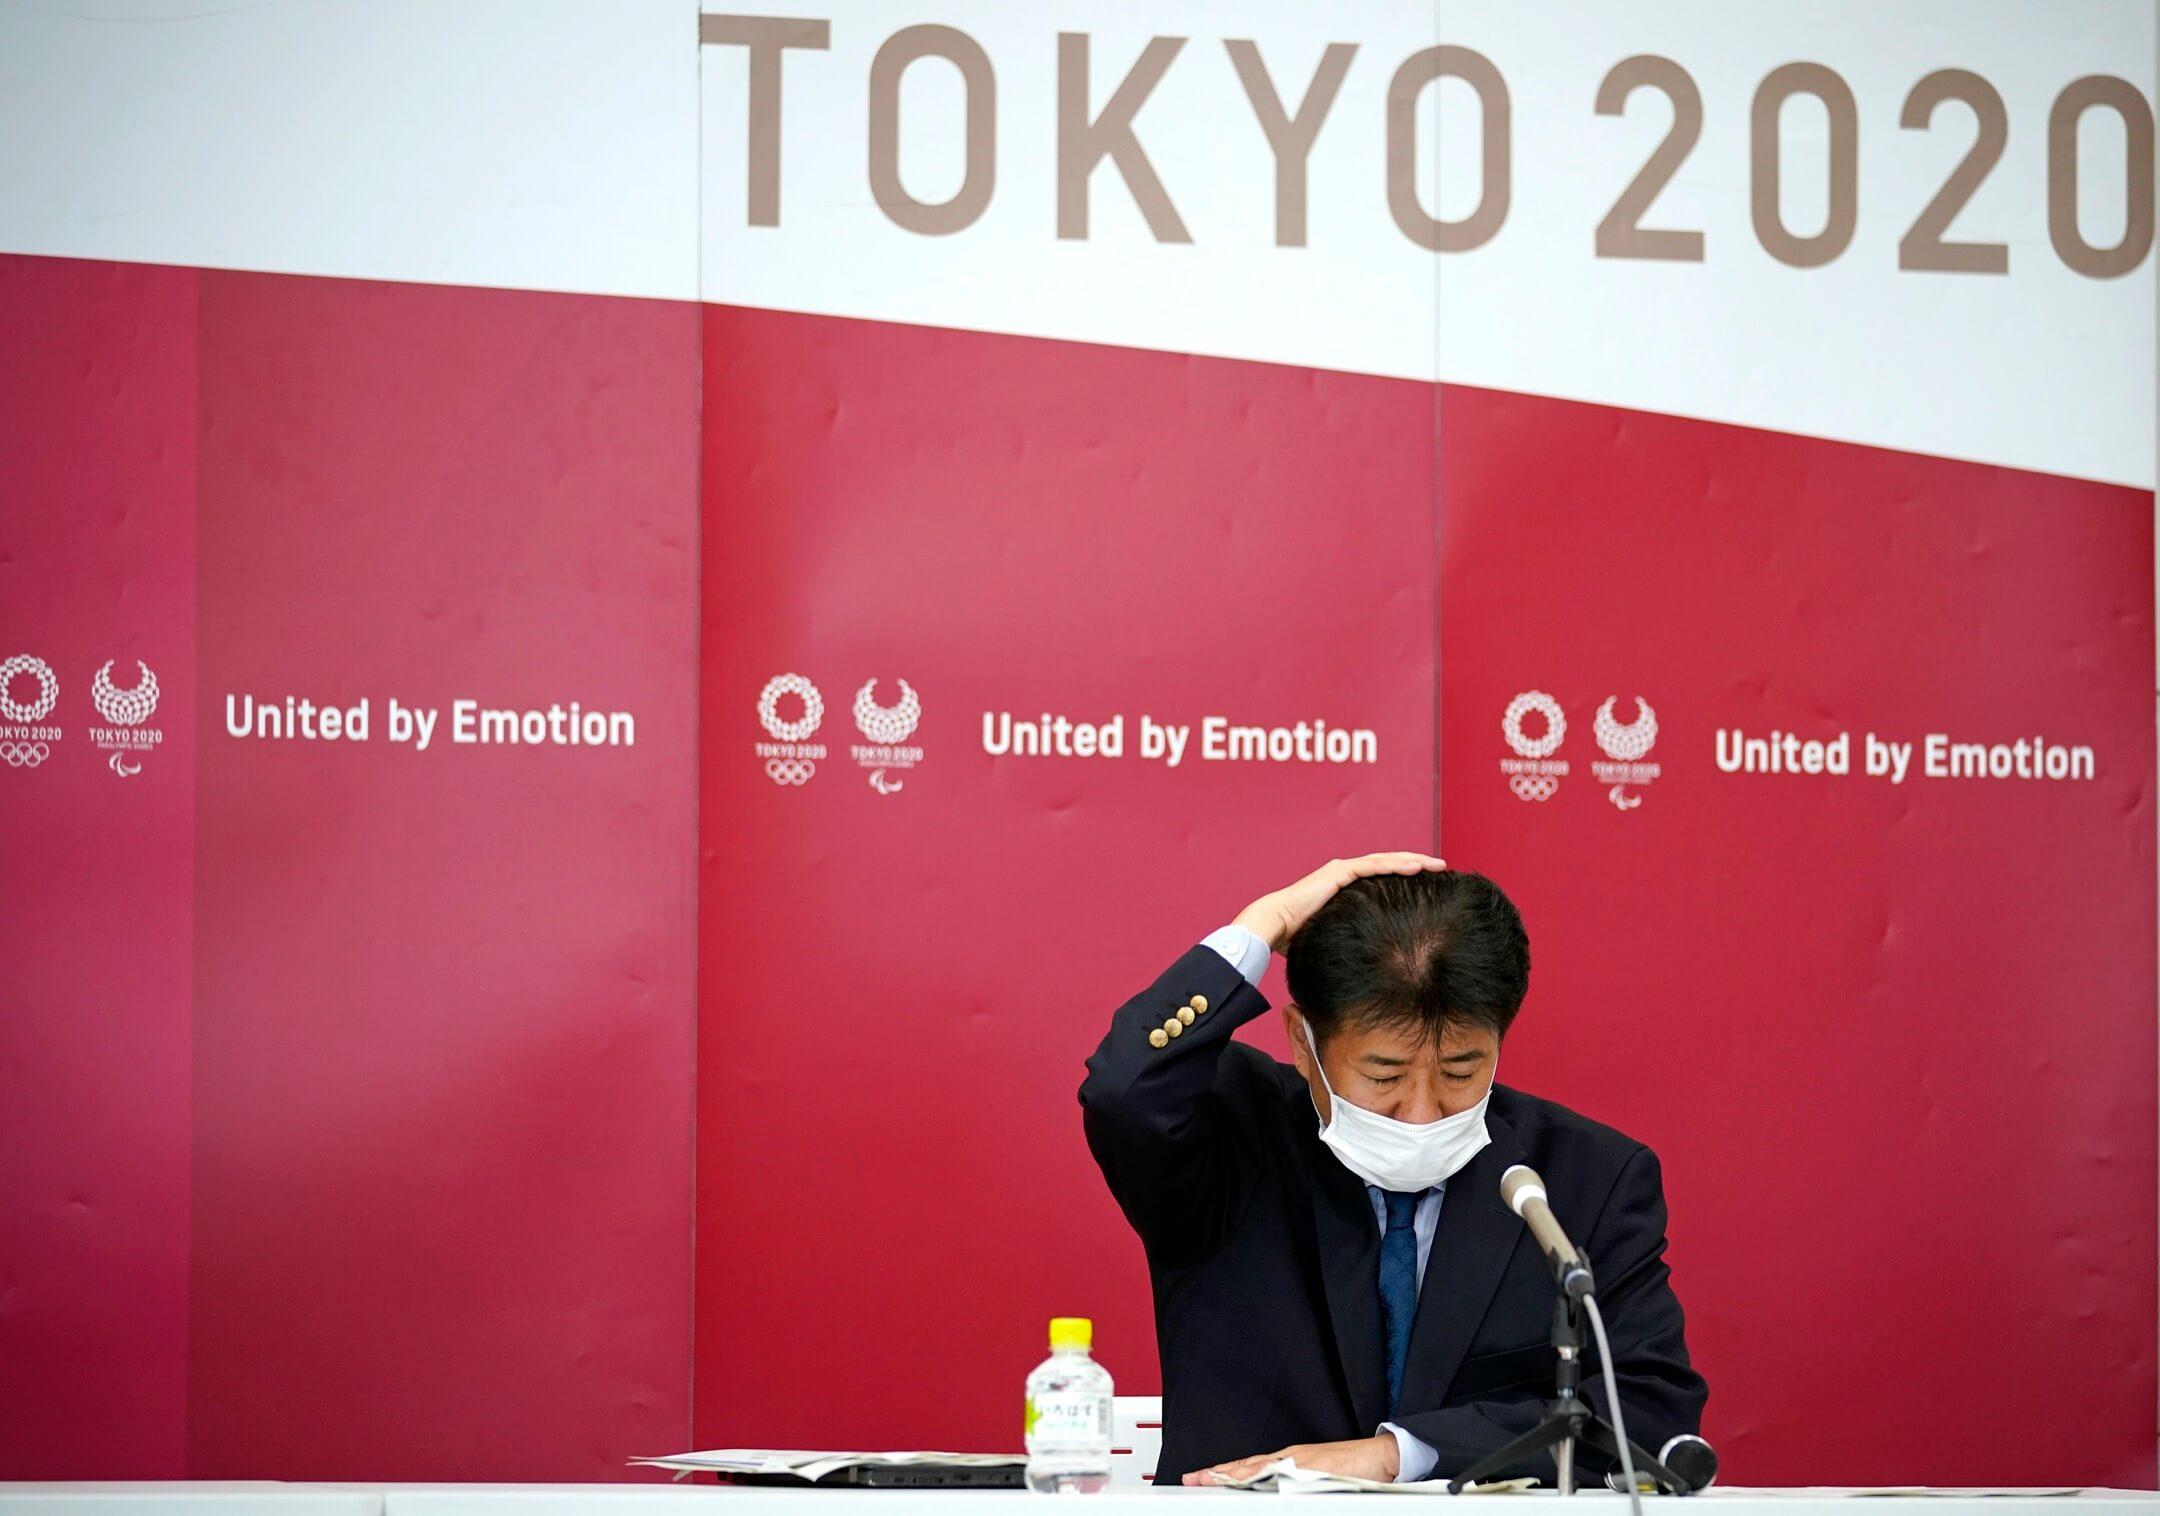 2021年5月28日,東京奧組委奧運舉辦統管中村英正出席一個記者會。 攝:Franck Robichon - Pool/Getty Images